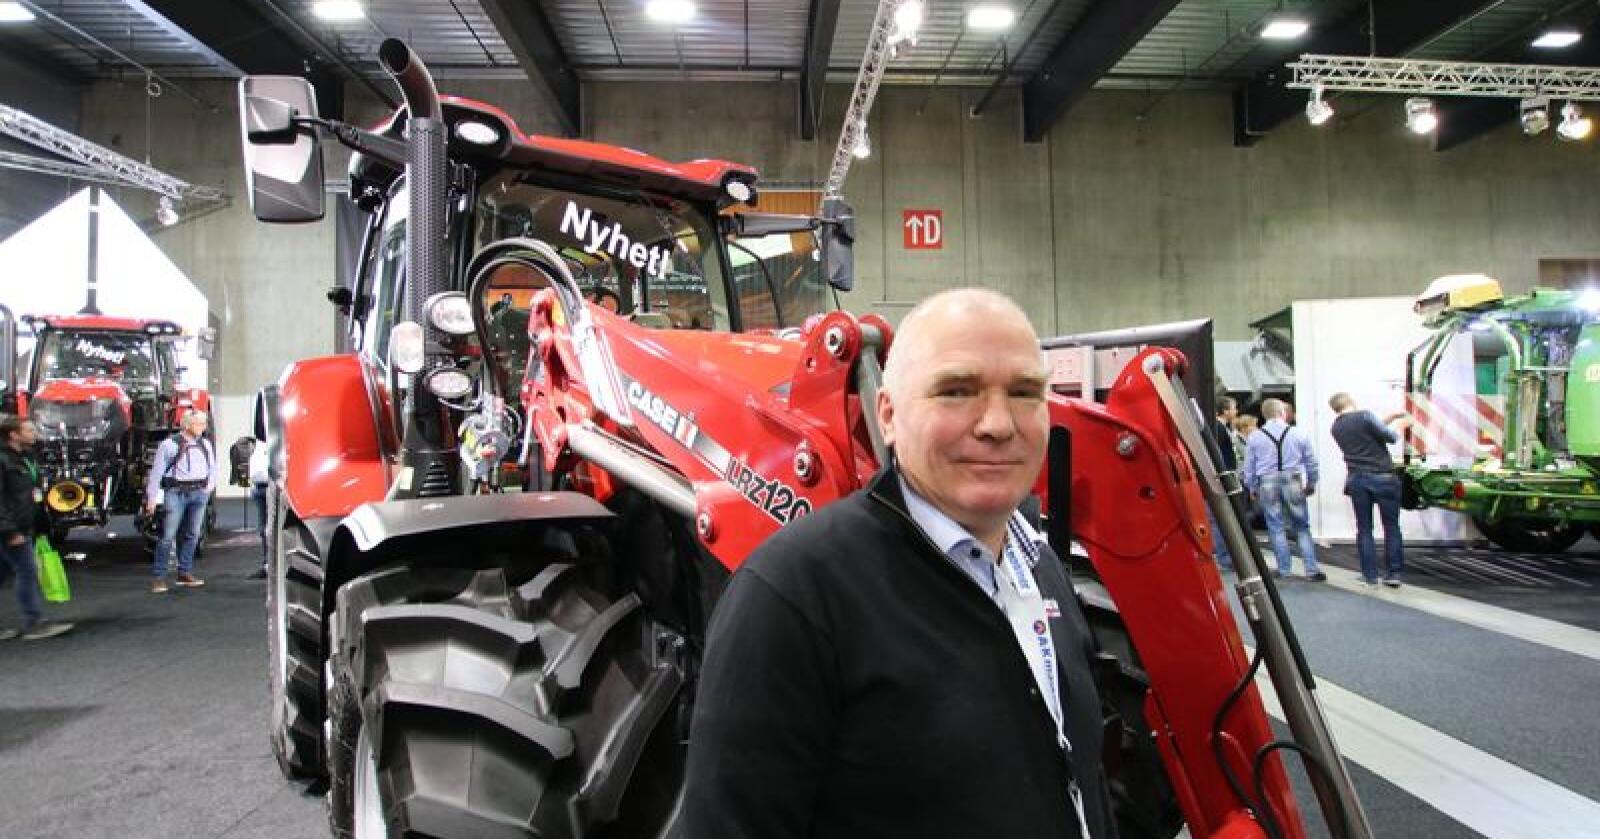 Årets traktor: Produktsjef for Case IH hos A-K Maskiner, Morten Smedsrud, foran Case IH Maxxum 145 Activedrive 8, som onsdag ble kåra til Tractor of the Year 2019. Foto: Trond Martin Wiersholm